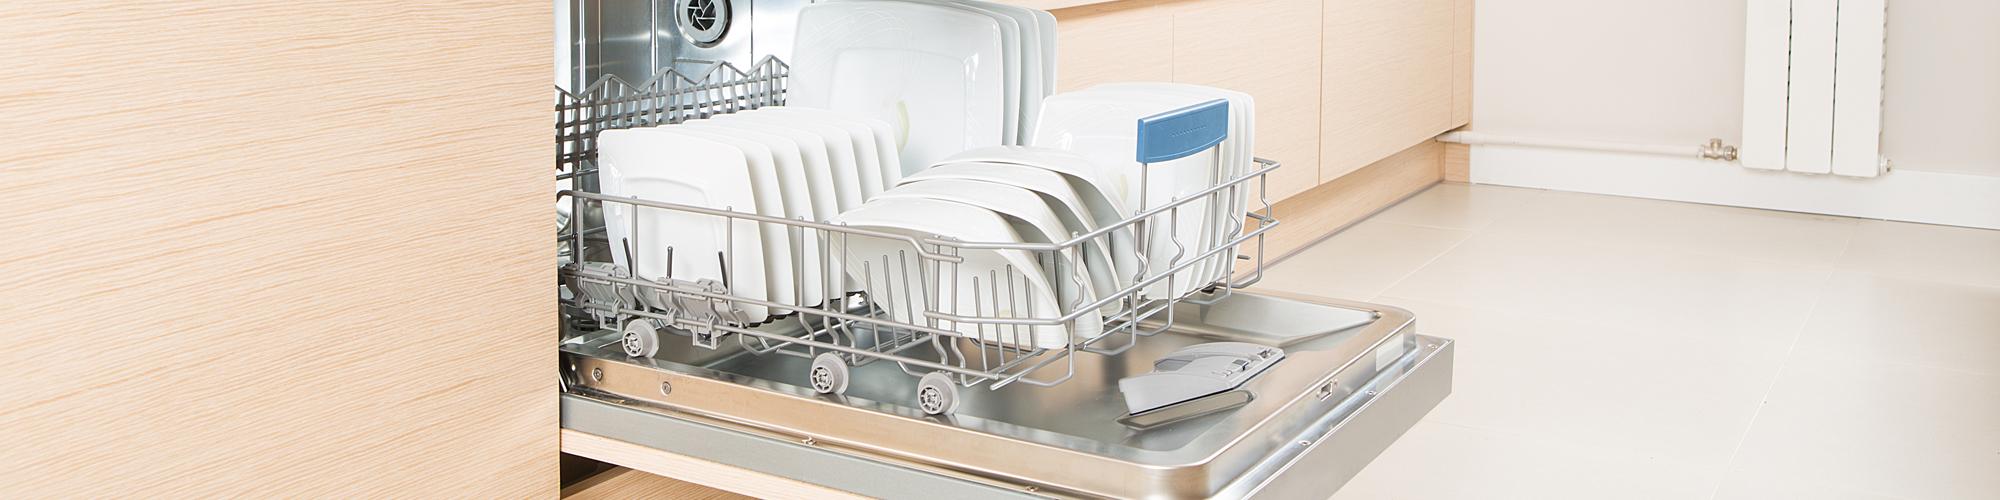 washing machine repair nc